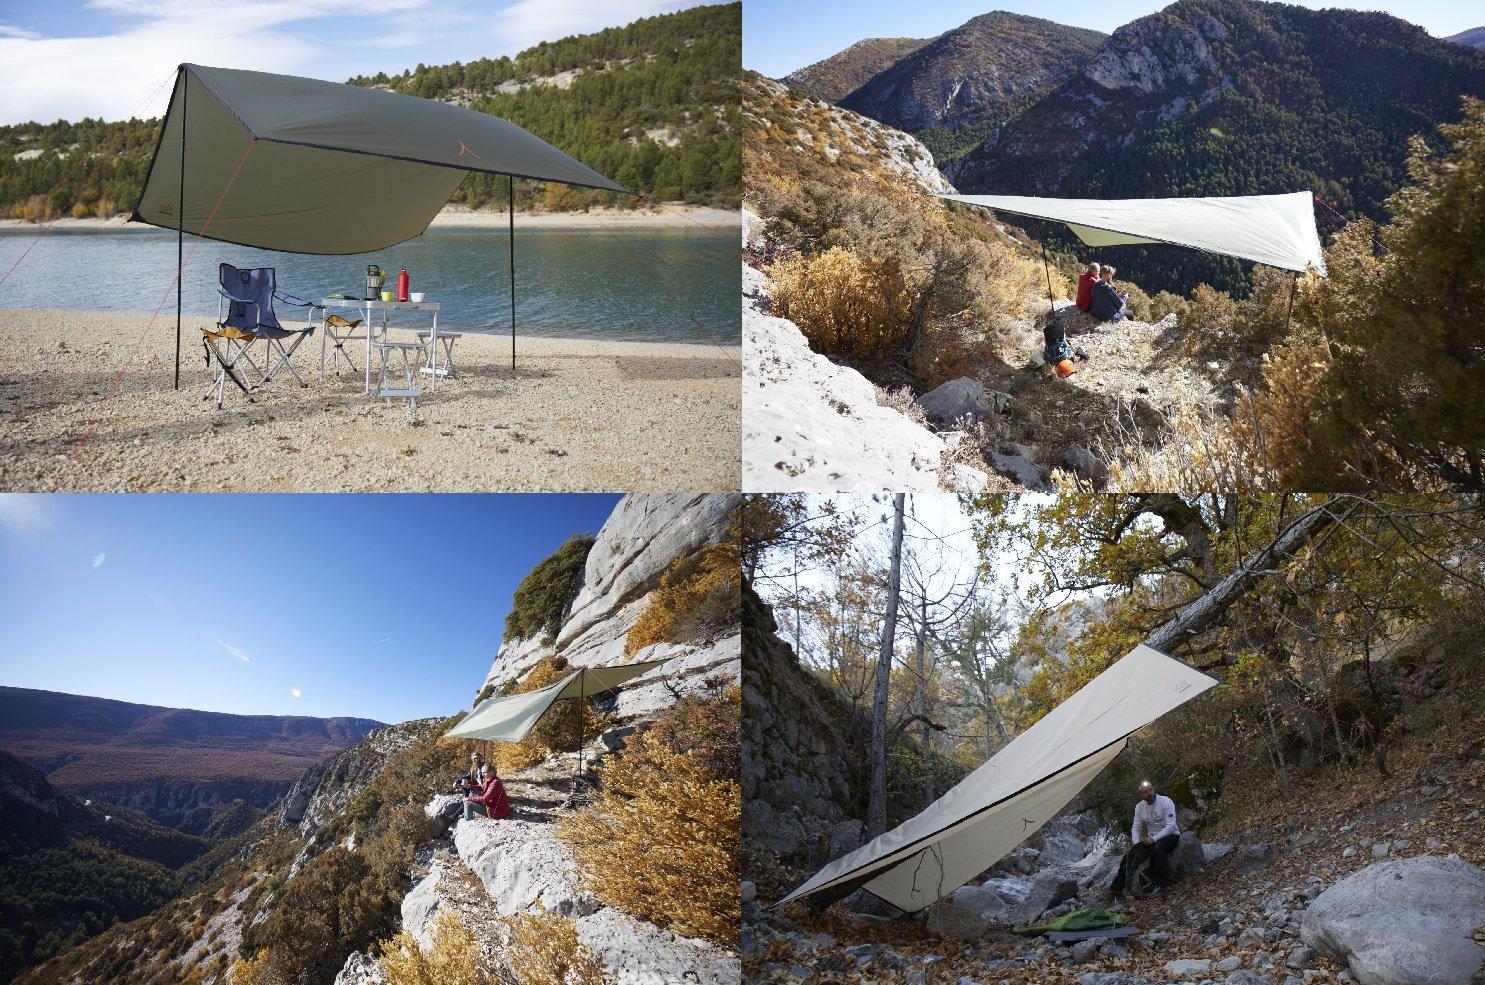 Grand Canyon Shelter 400 - Telone parasole parasole parasole con pali, prossoezione UV50, 400 x 400 cm, blu, 302301 B016OEE20E Parent | Folle Prezzo  | Caratteristico  | Il colore è molto evidente  | Good Design  480409